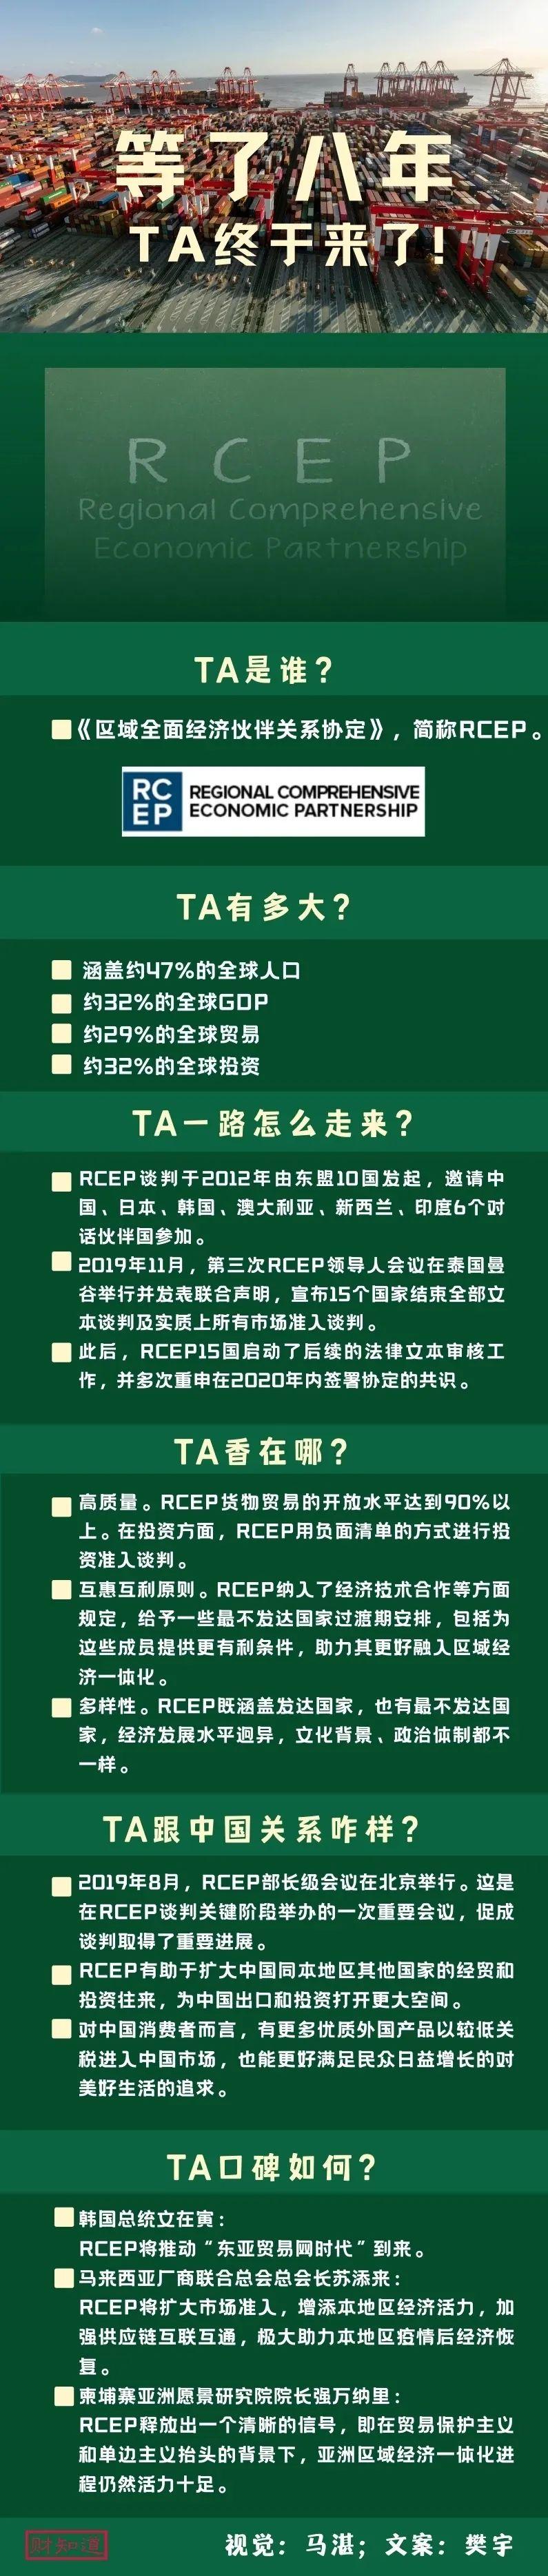 中国移动入股的科技股获百家机构调研 透露新签订单等重磅信息